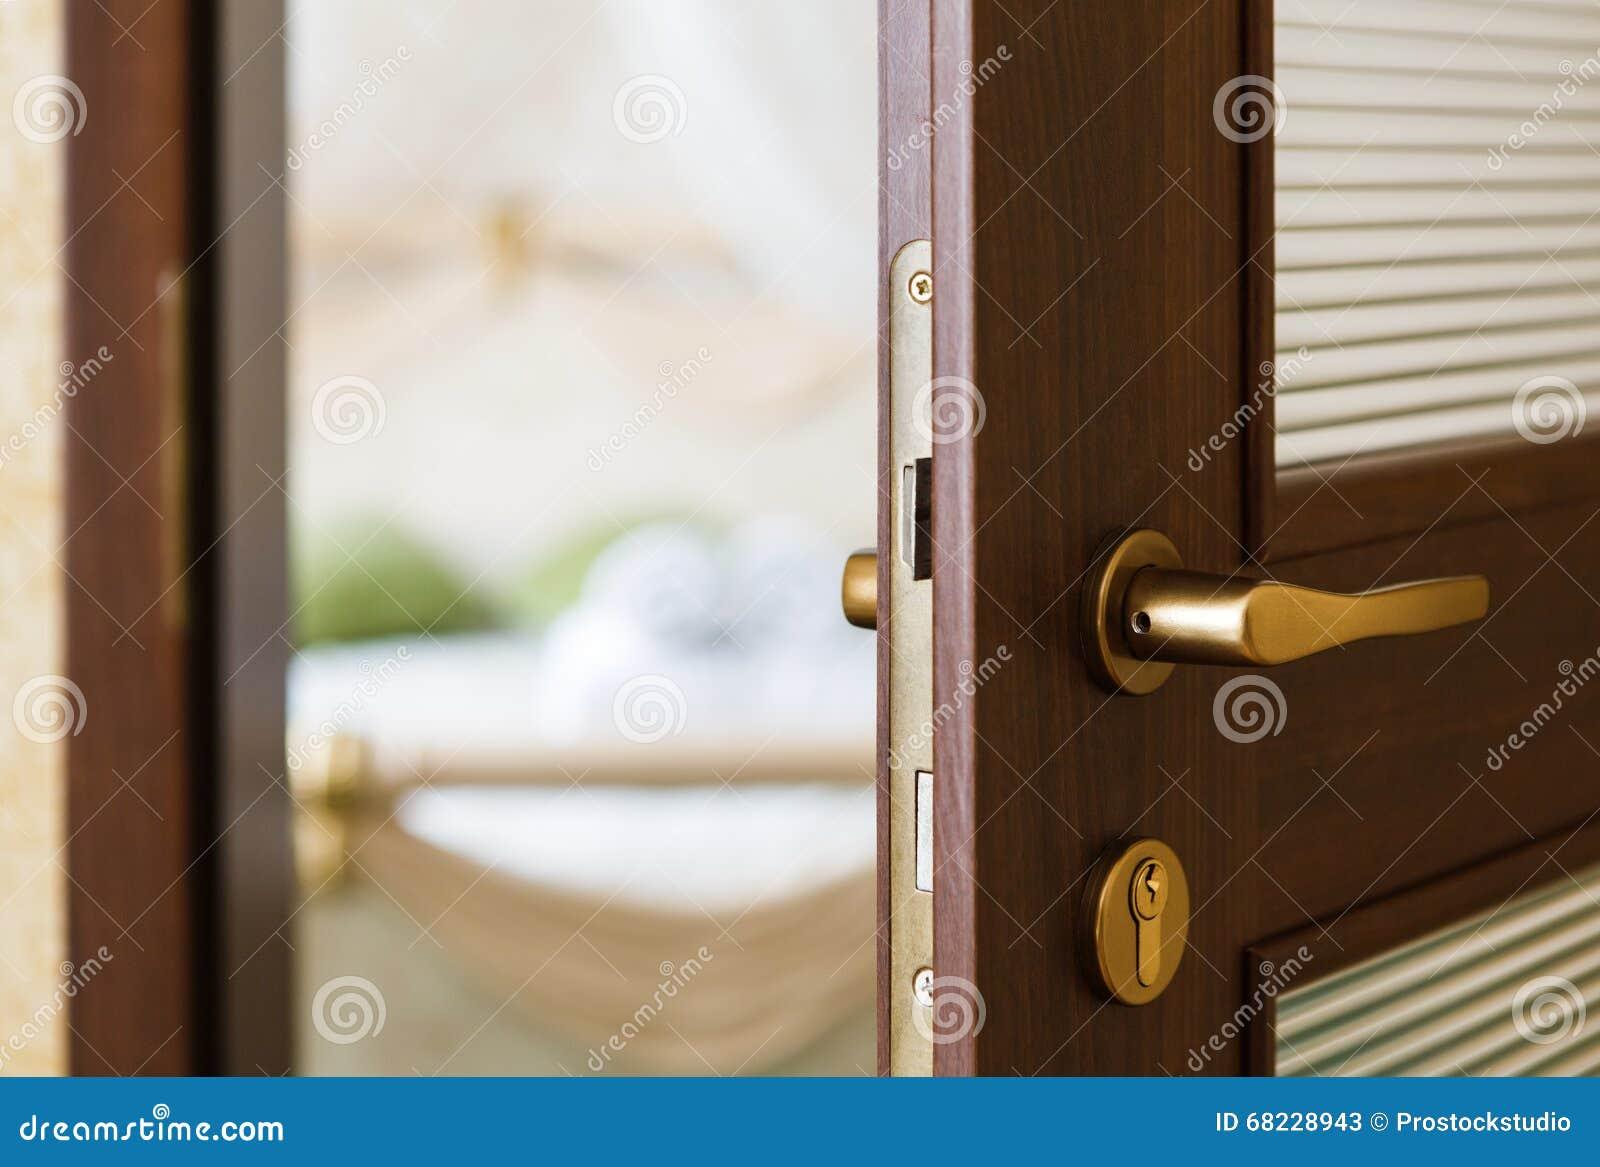 Half Open Door Of A Hotel Bedroom Stock Photo Image